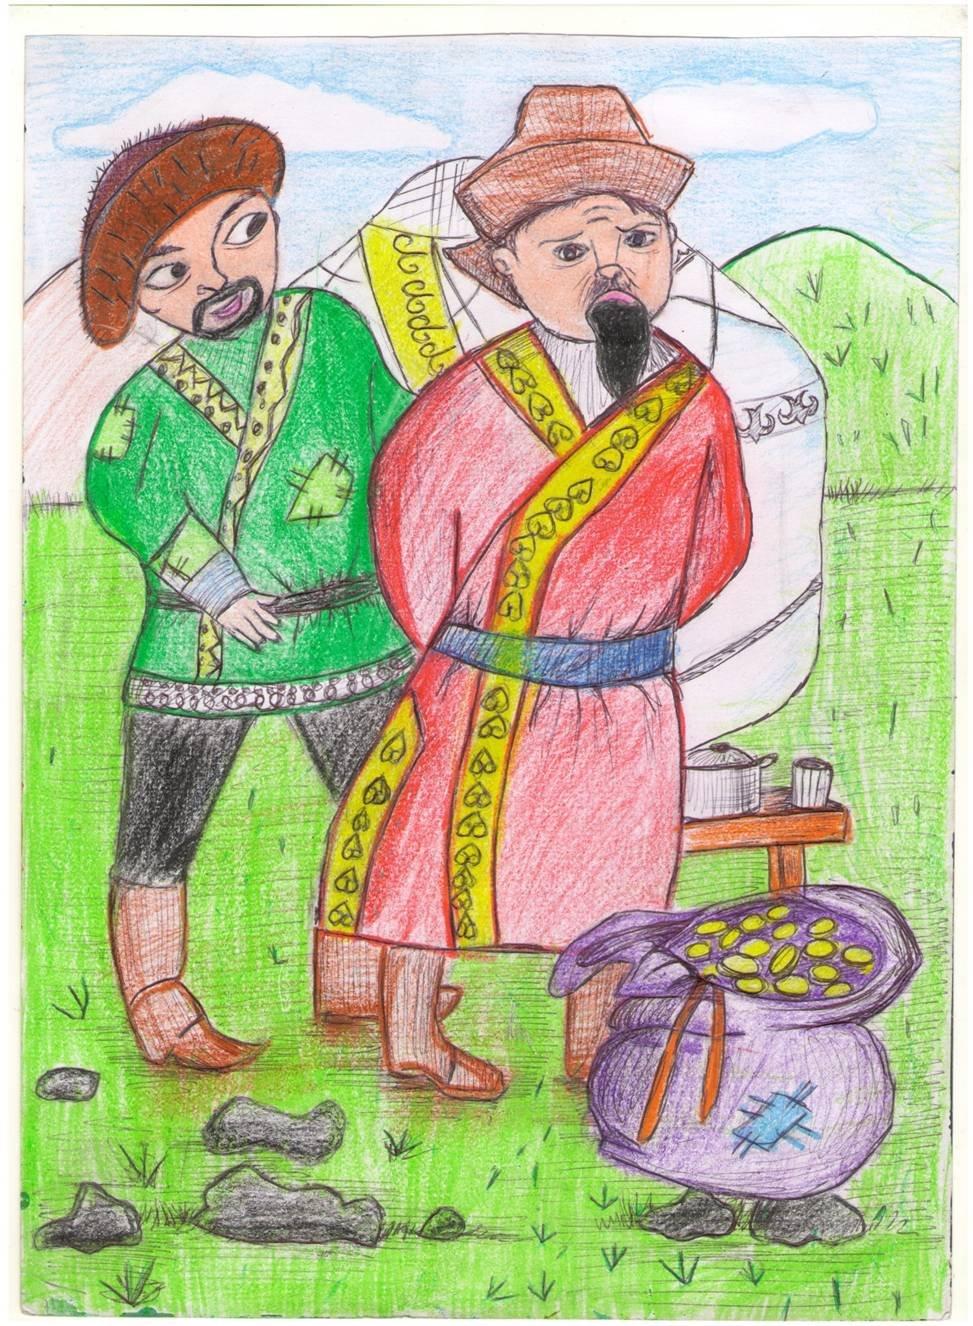 разных иллюстрации к казахской сказке добрый и злой тип прически, который